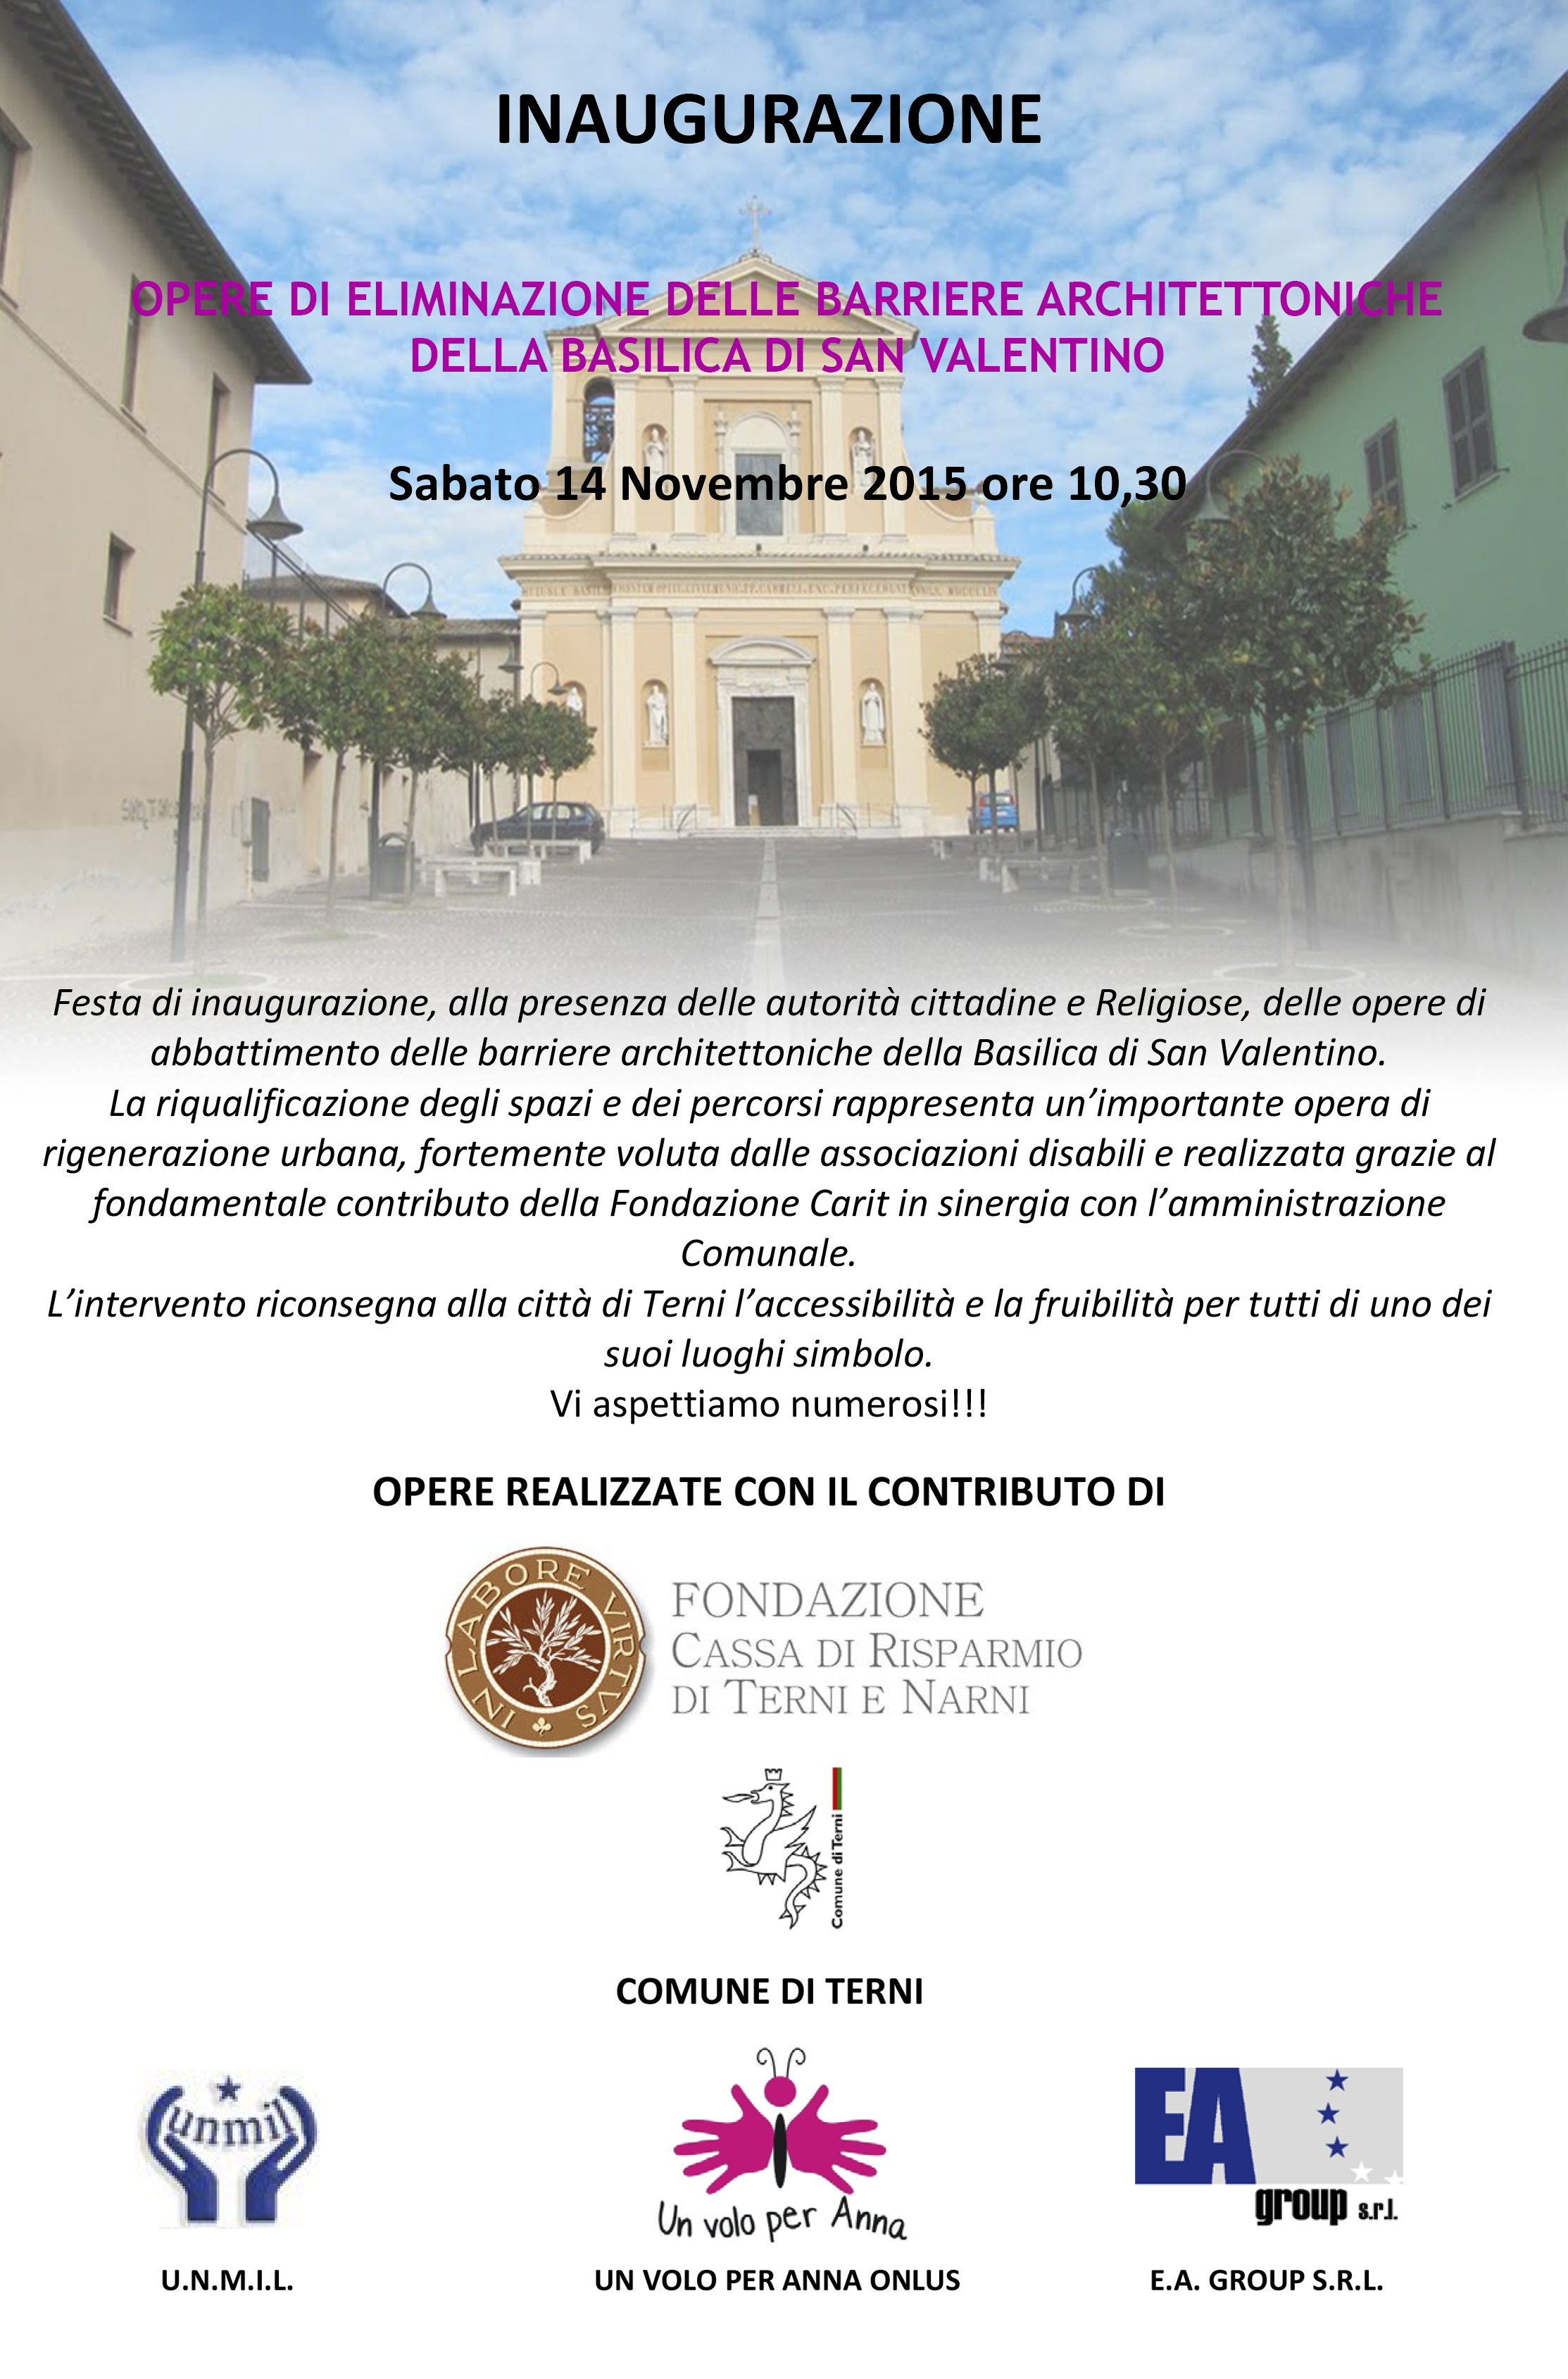 Volantino-inaugurazione-nov15